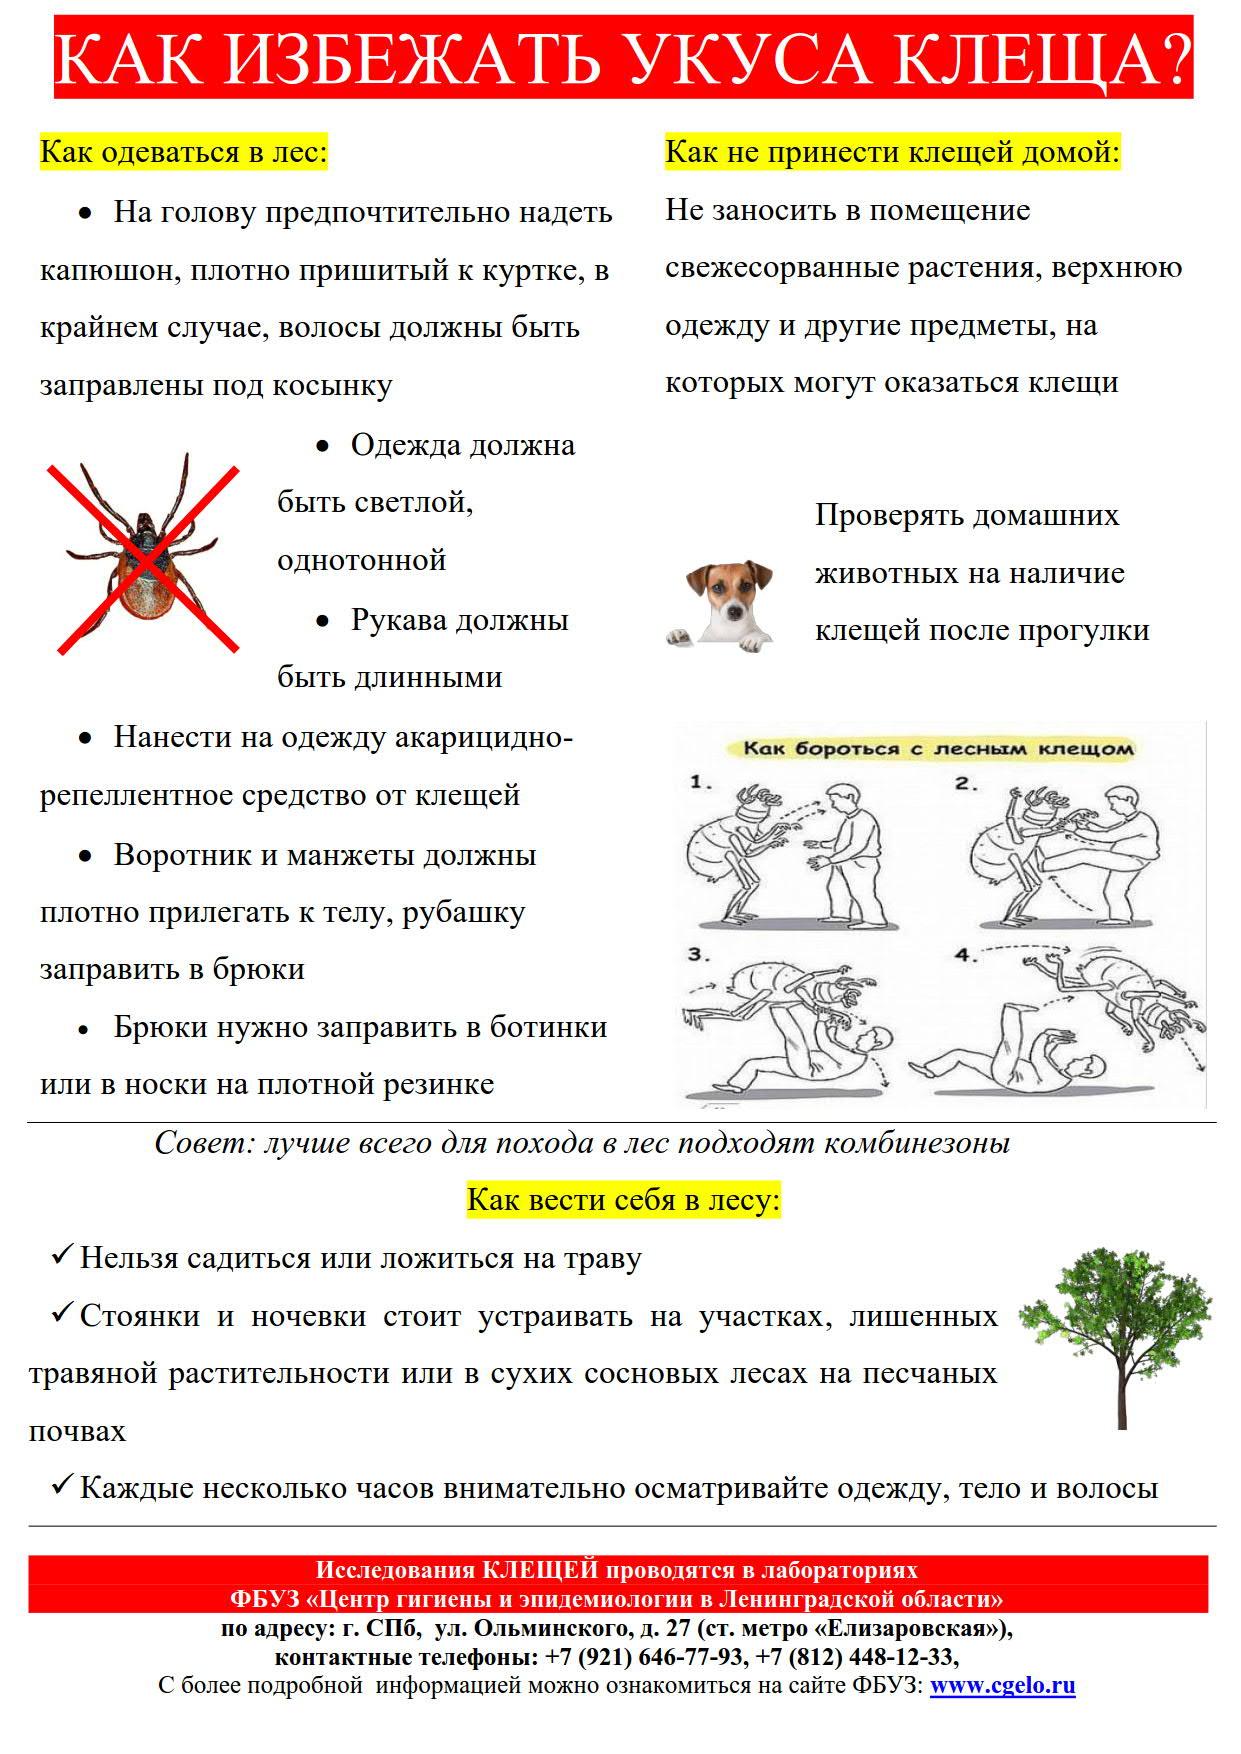 КАК ИЗБЕЖАТЬ УКУСА КЛЕЩА_1